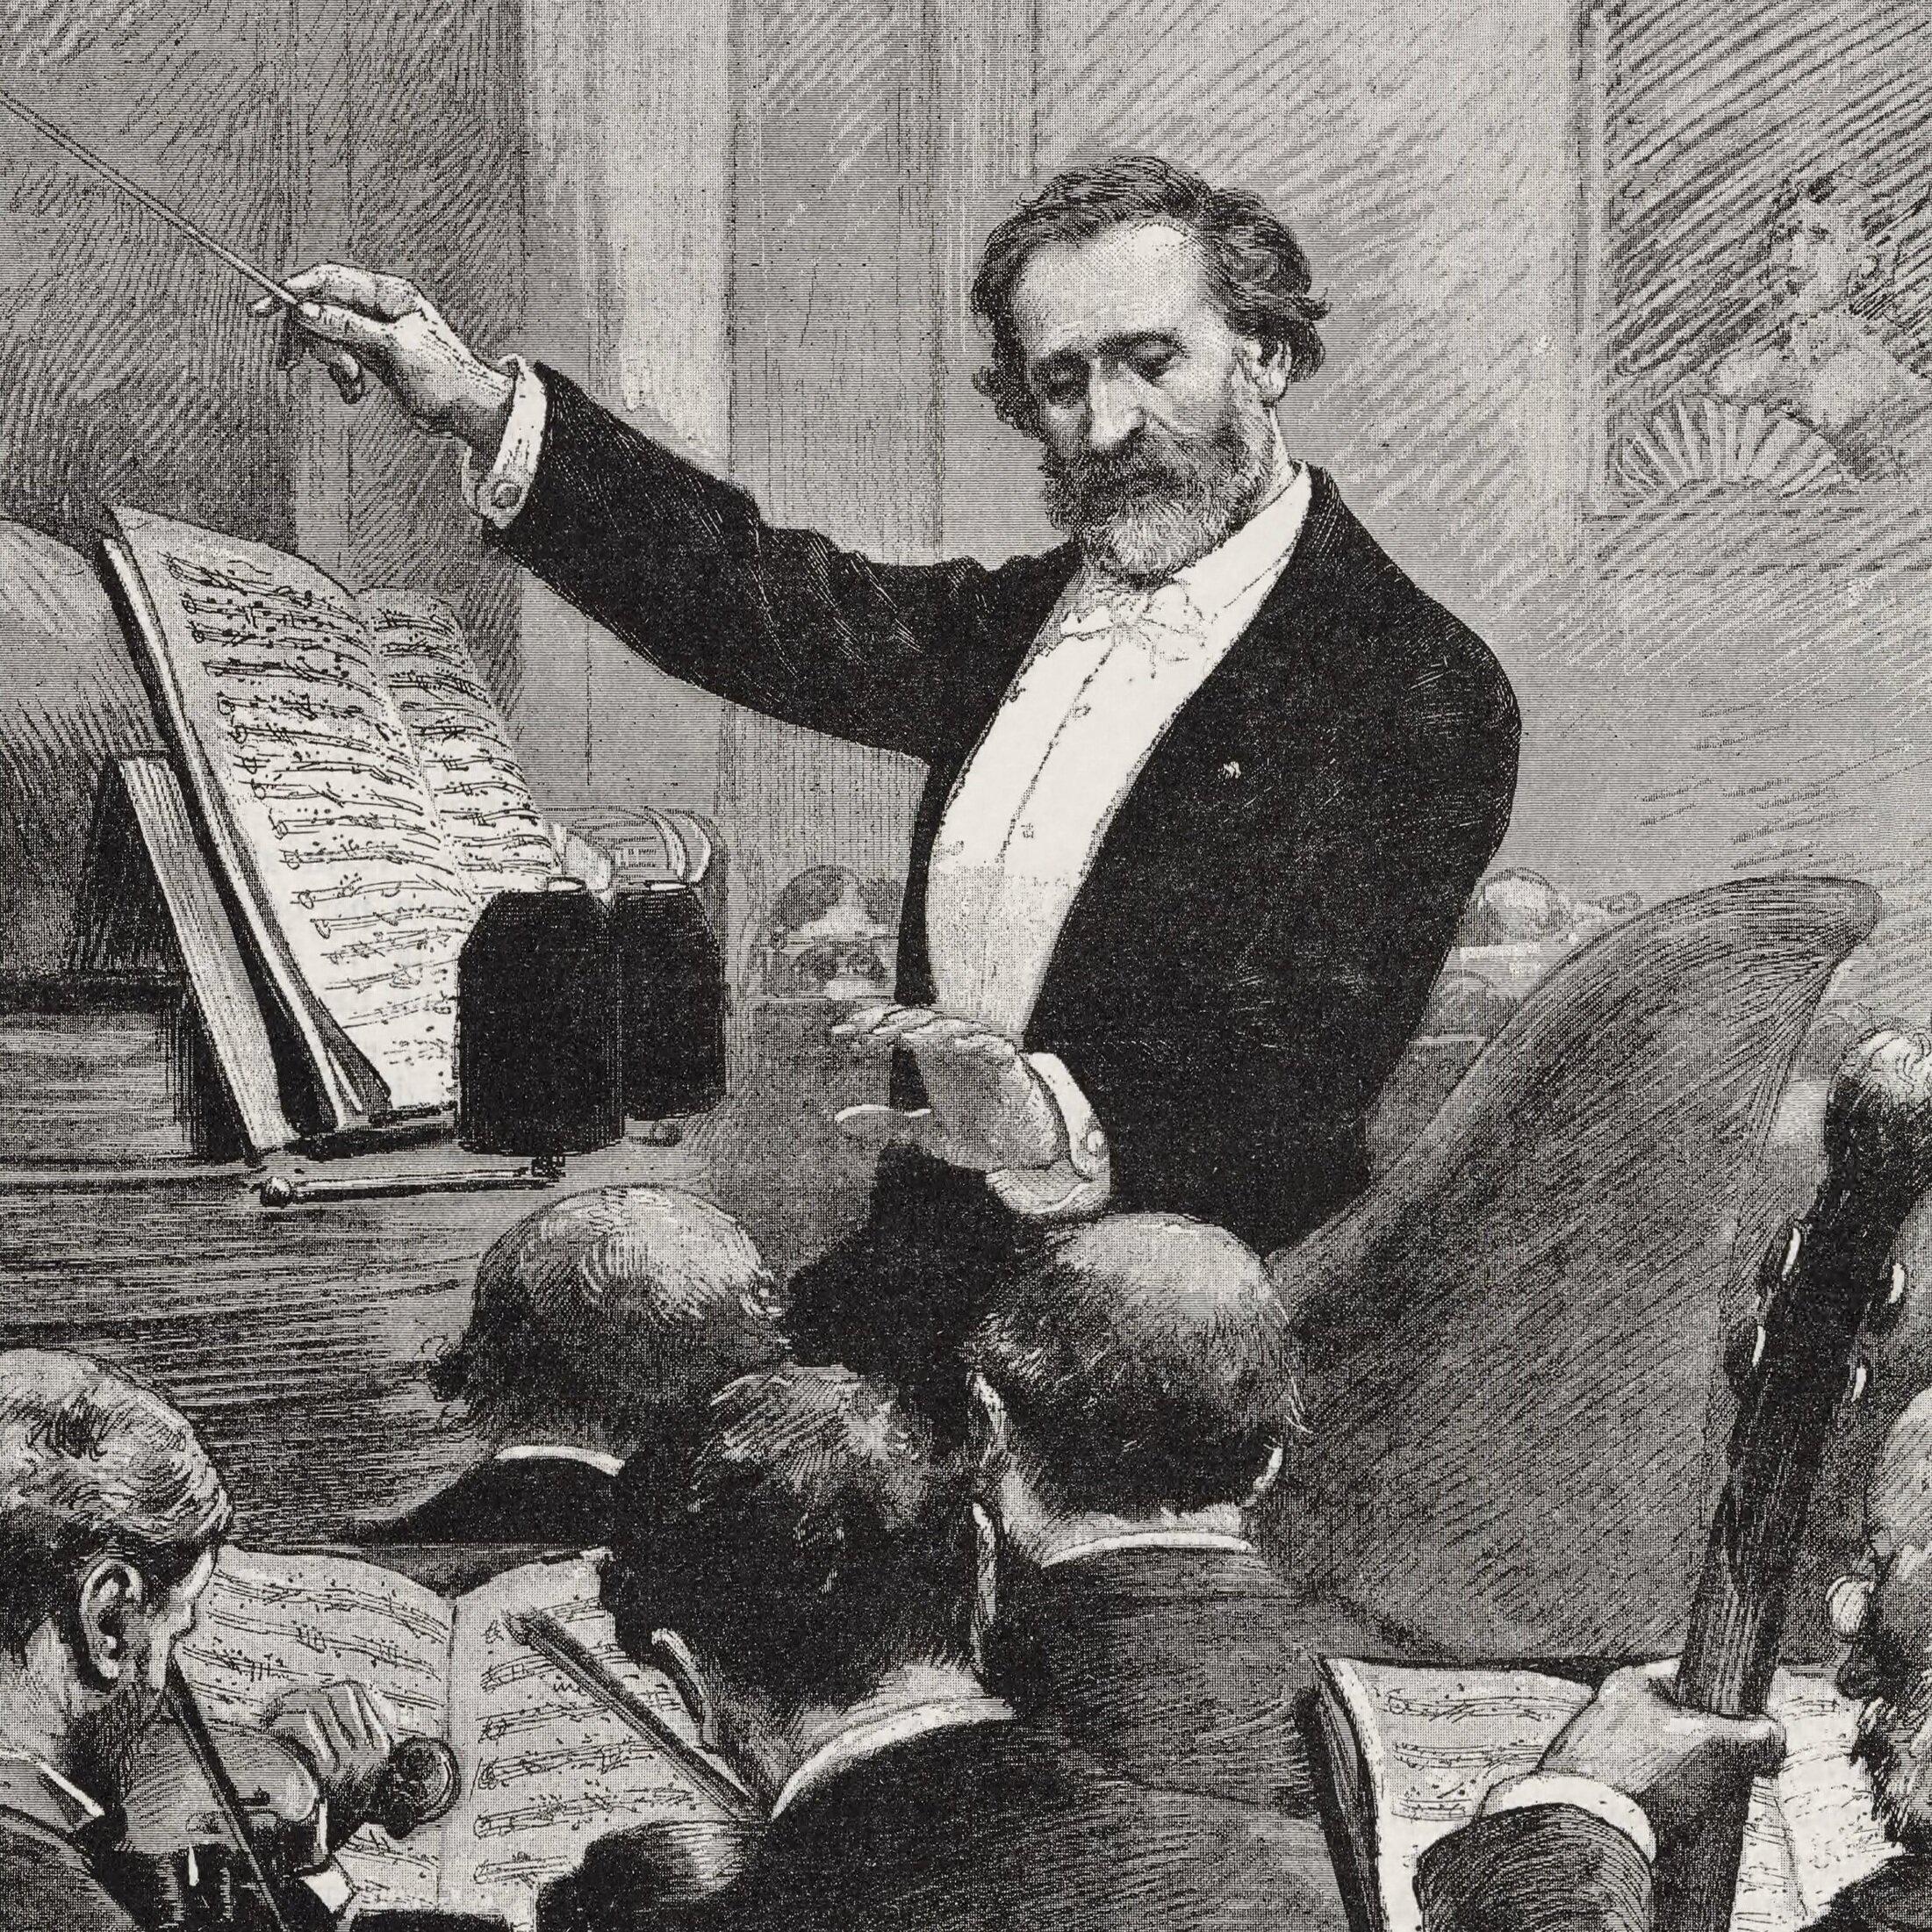 Verdi_conducting_Aida_in_Paris_1880_-_Gallica_-_Restoration.jpg